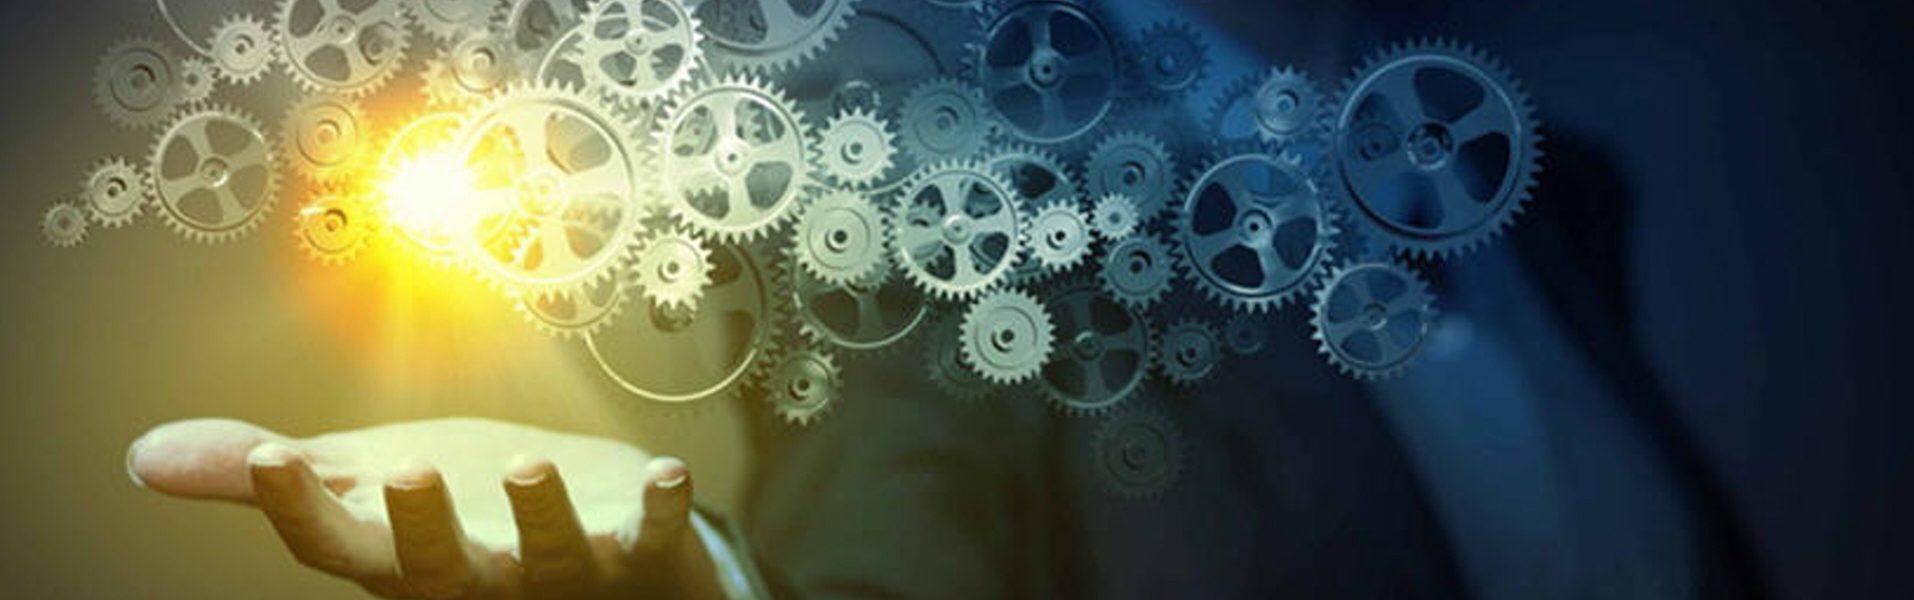 Inovação: o caminho do sucesso tem falhas e mudanças de direção